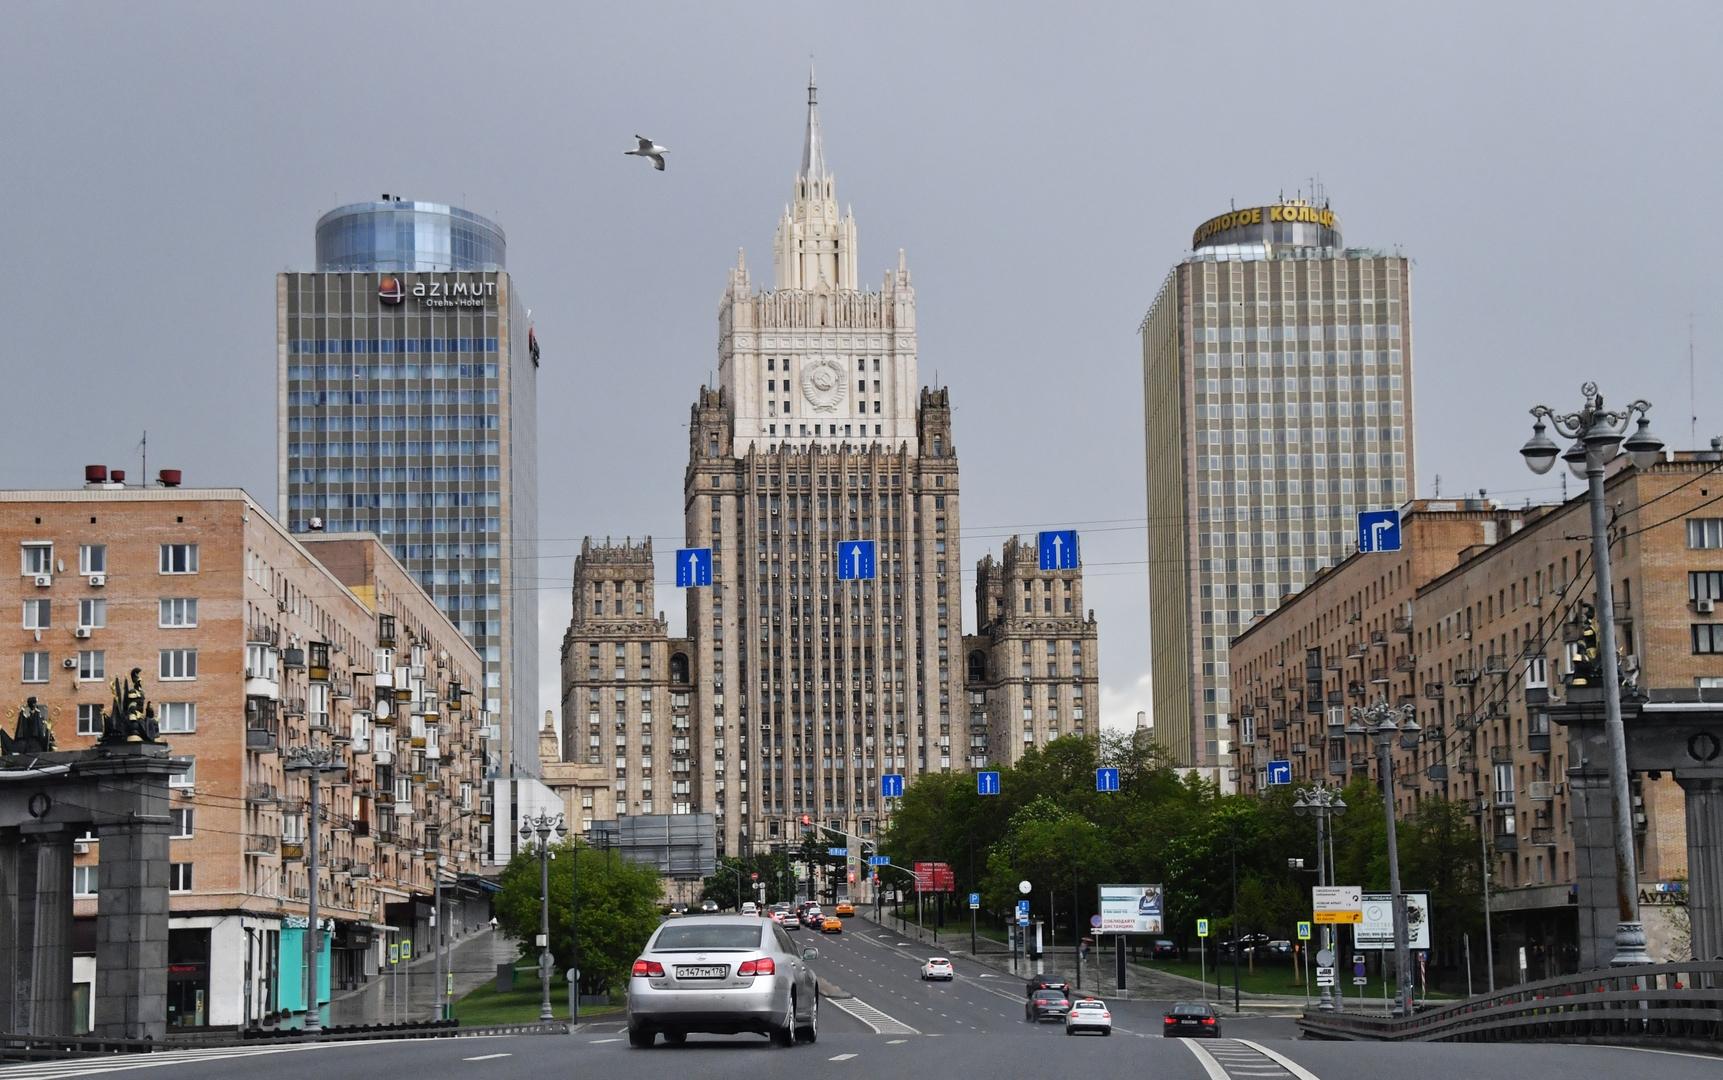 موسكو تلجأ إلى منظمات دولية بعد اعتداء الشرطة الأمريكية على صحفيين روس